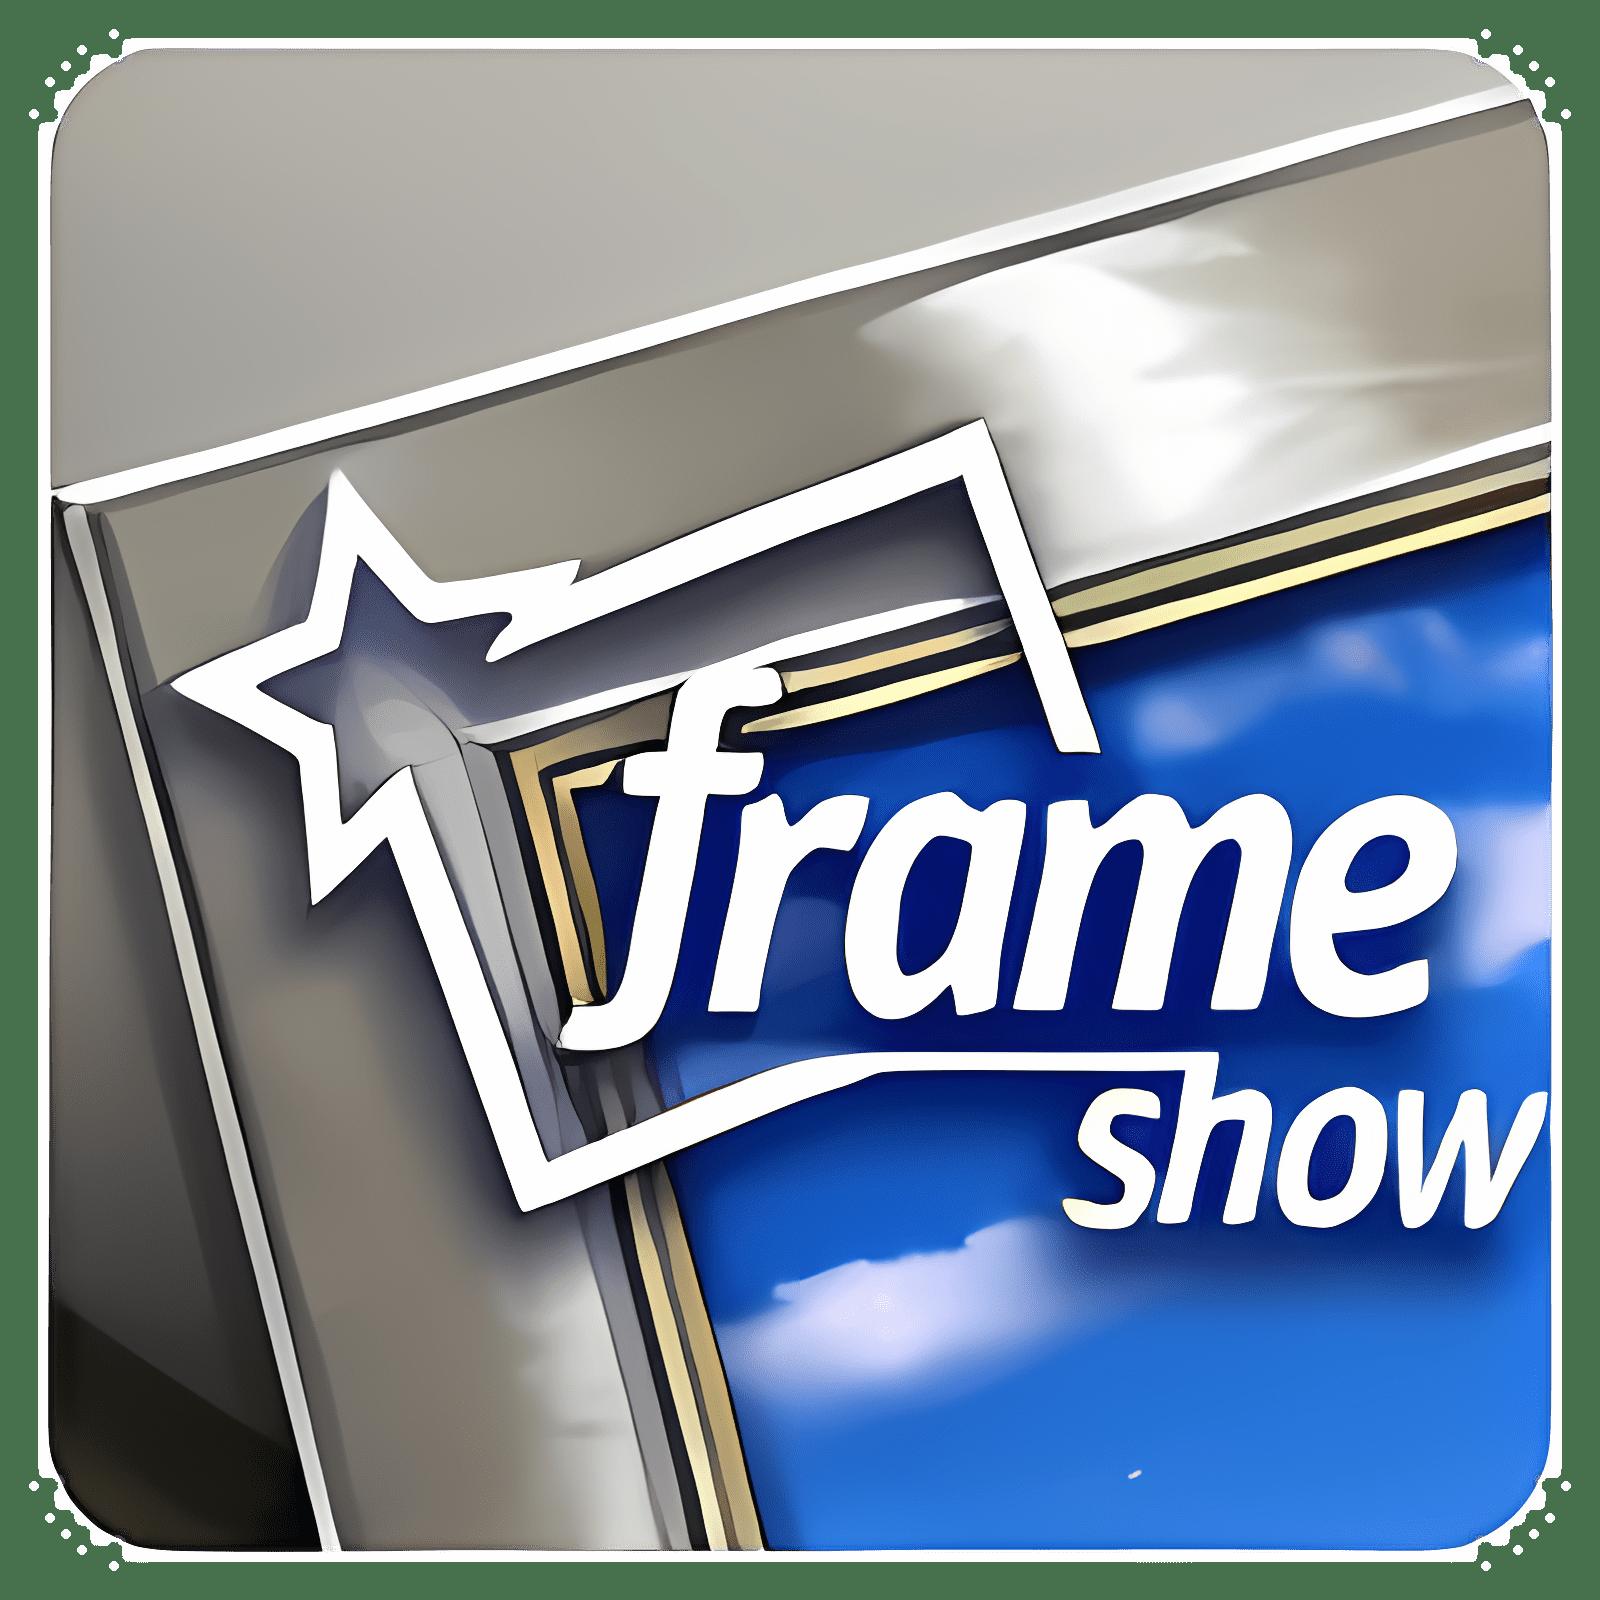 Photo Frame Show 1.4.156